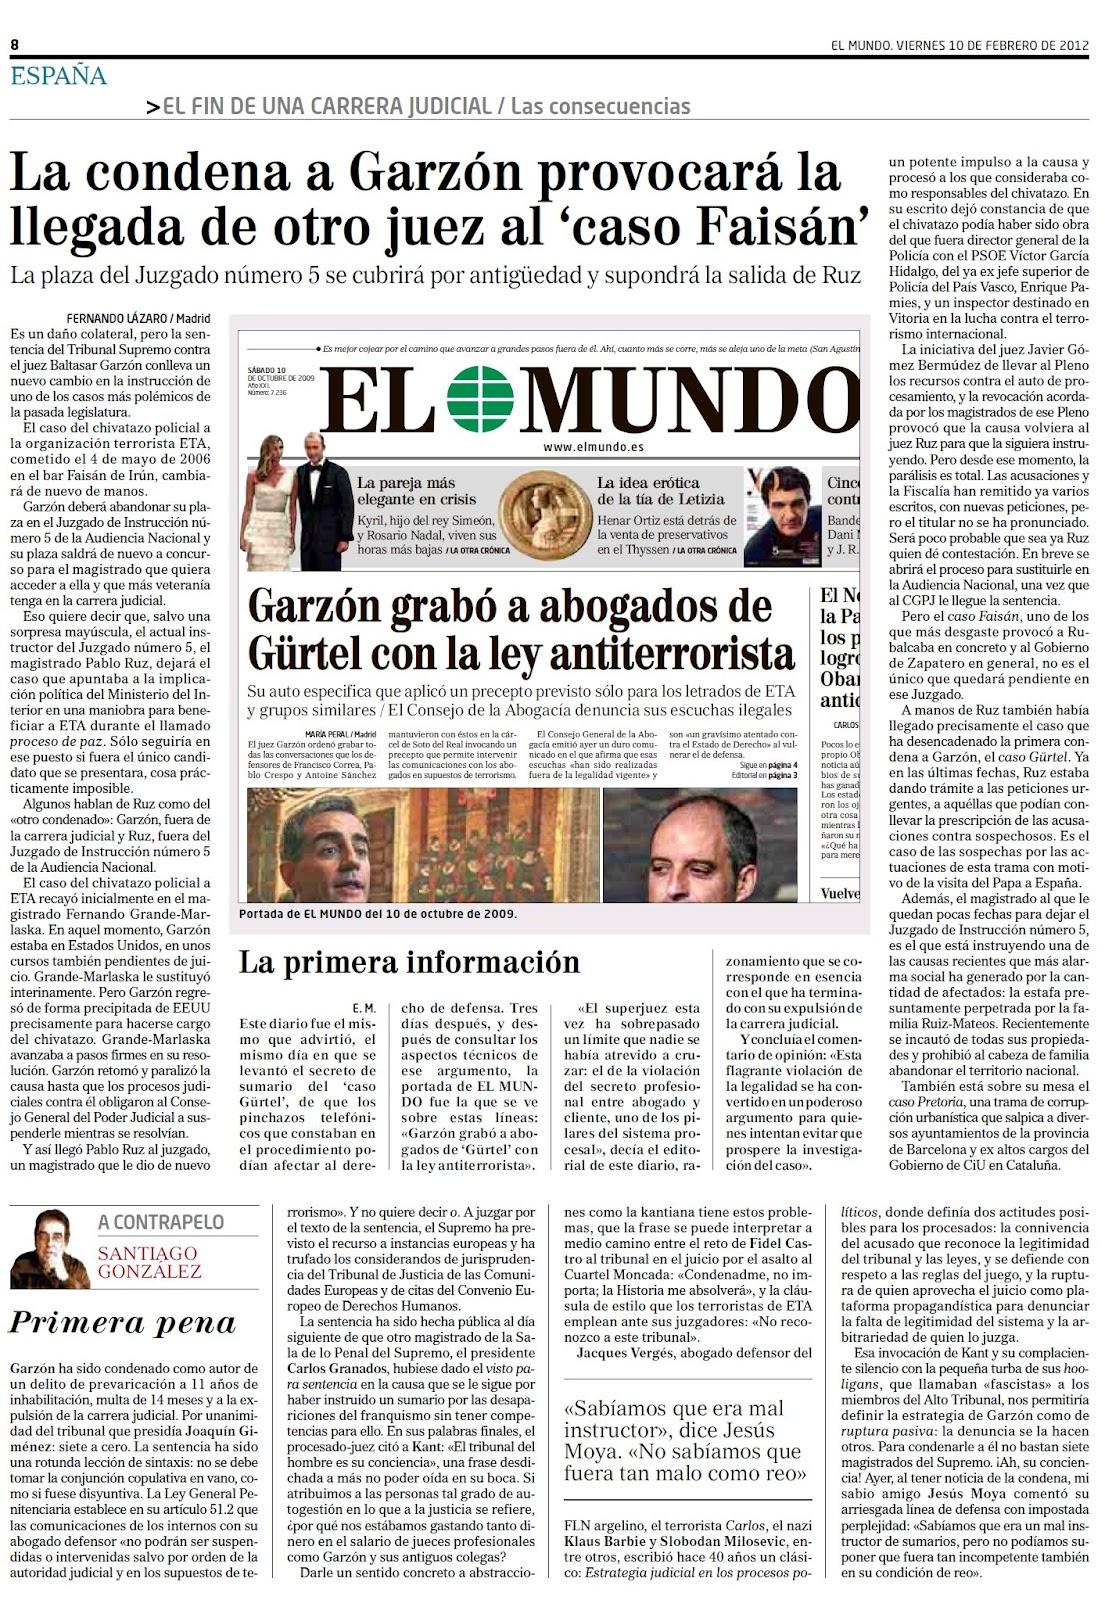 ¿Quién dijo que no hay Justicia en España? Condenado por delincuente el juez activista político Baltasar Garzón por vulnerar el Estado de Derecho aplicando métodos propios de regímenes totalitarios